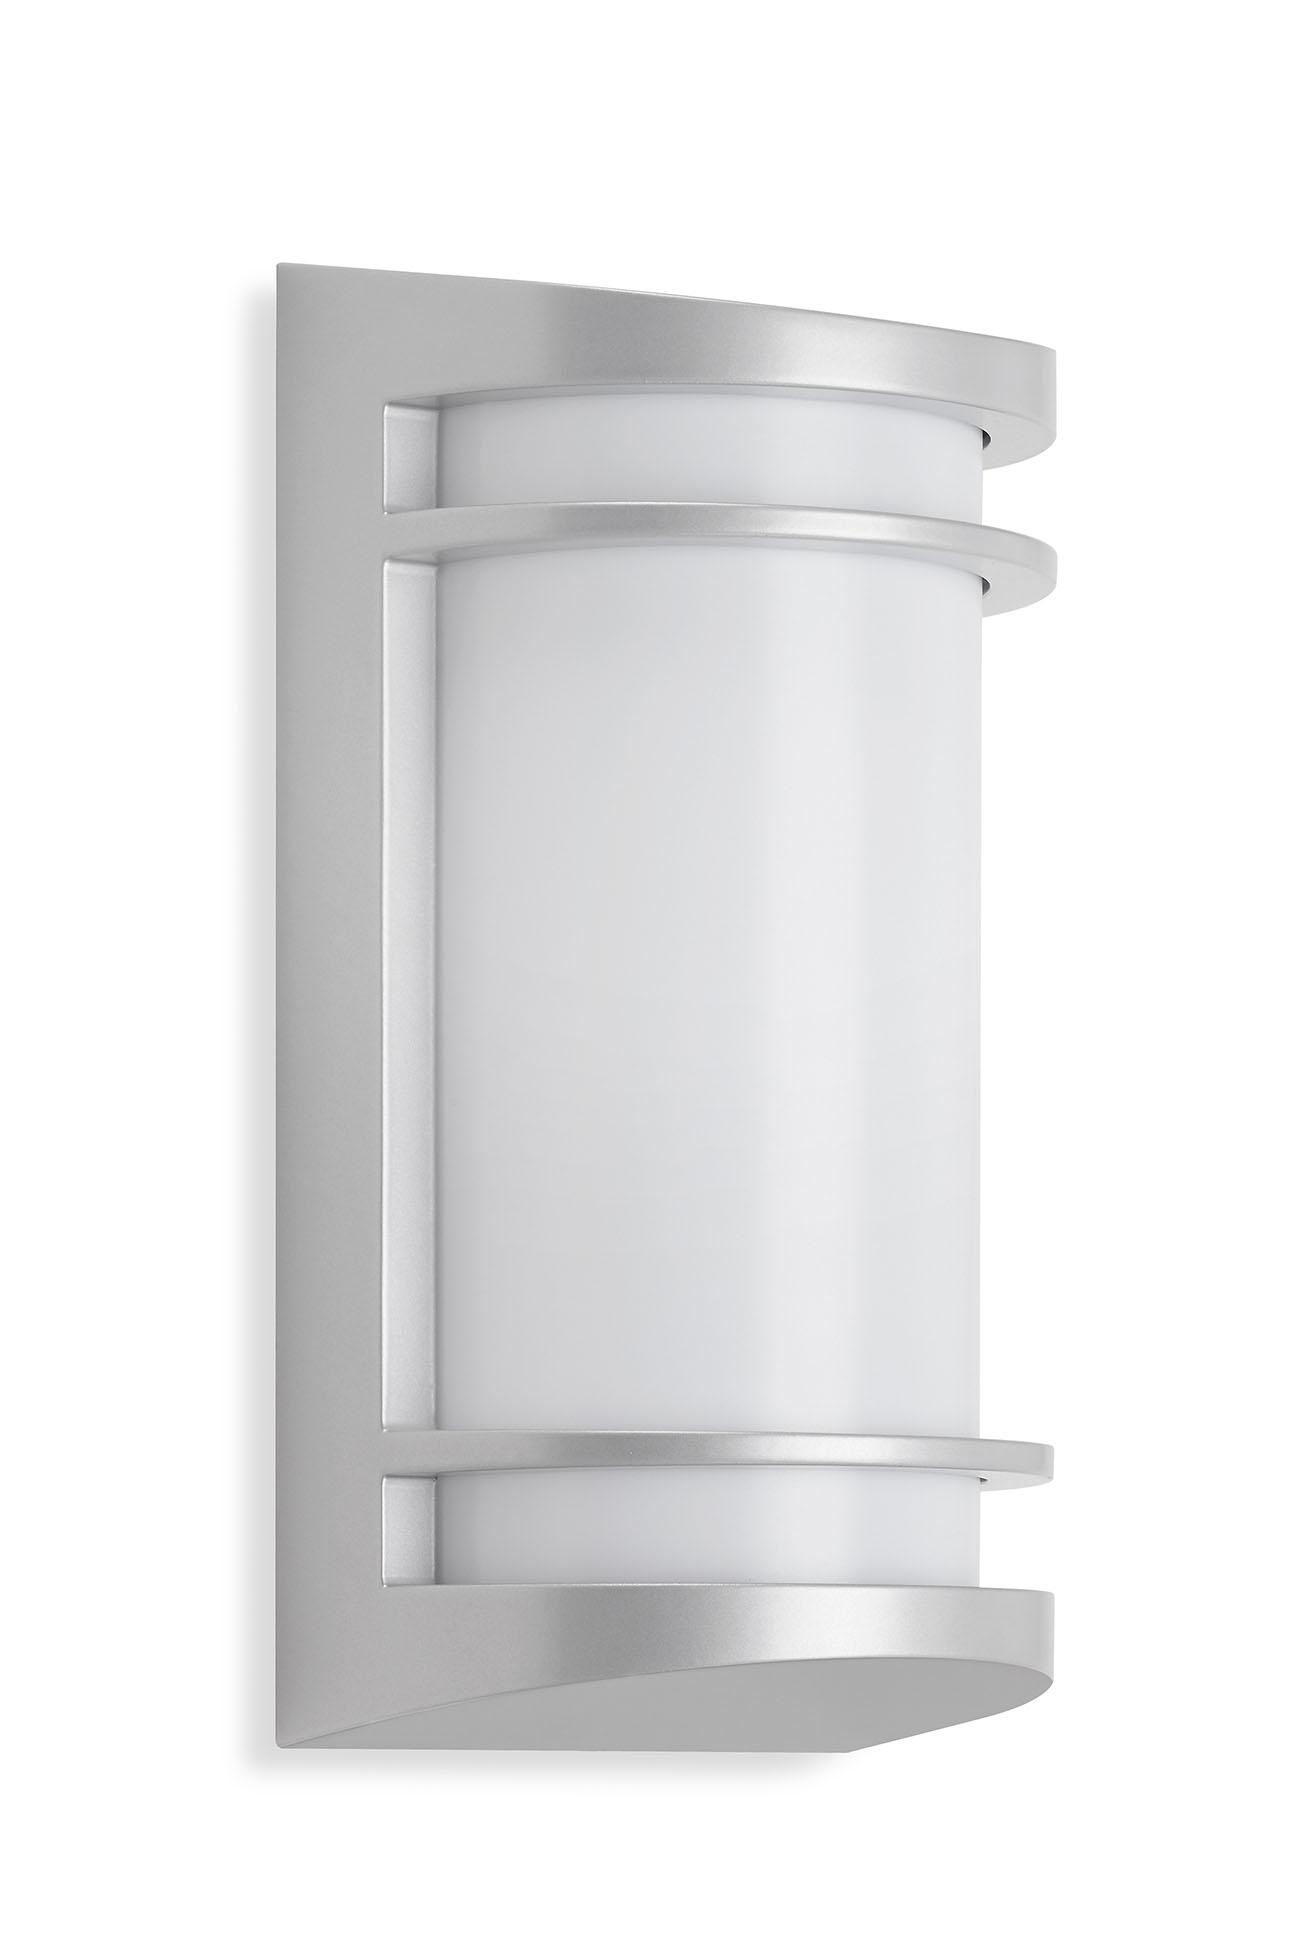 TELEFUNKEN LED Außenwandleuchte, 14 cm, 10 W, Silber